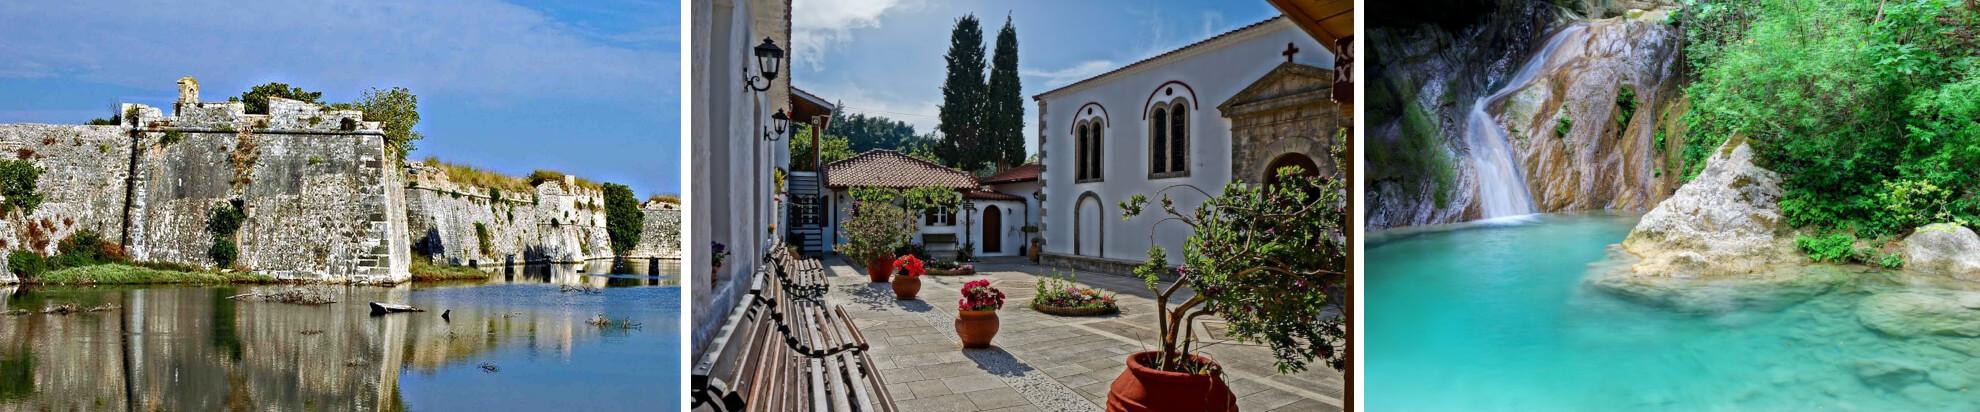 Αξιοθέατα Λευκάδας, ενετικό κάστρο Αγίας Μαύρας, Ιερά Μονή Φανερωμένης, Καταρράκτες